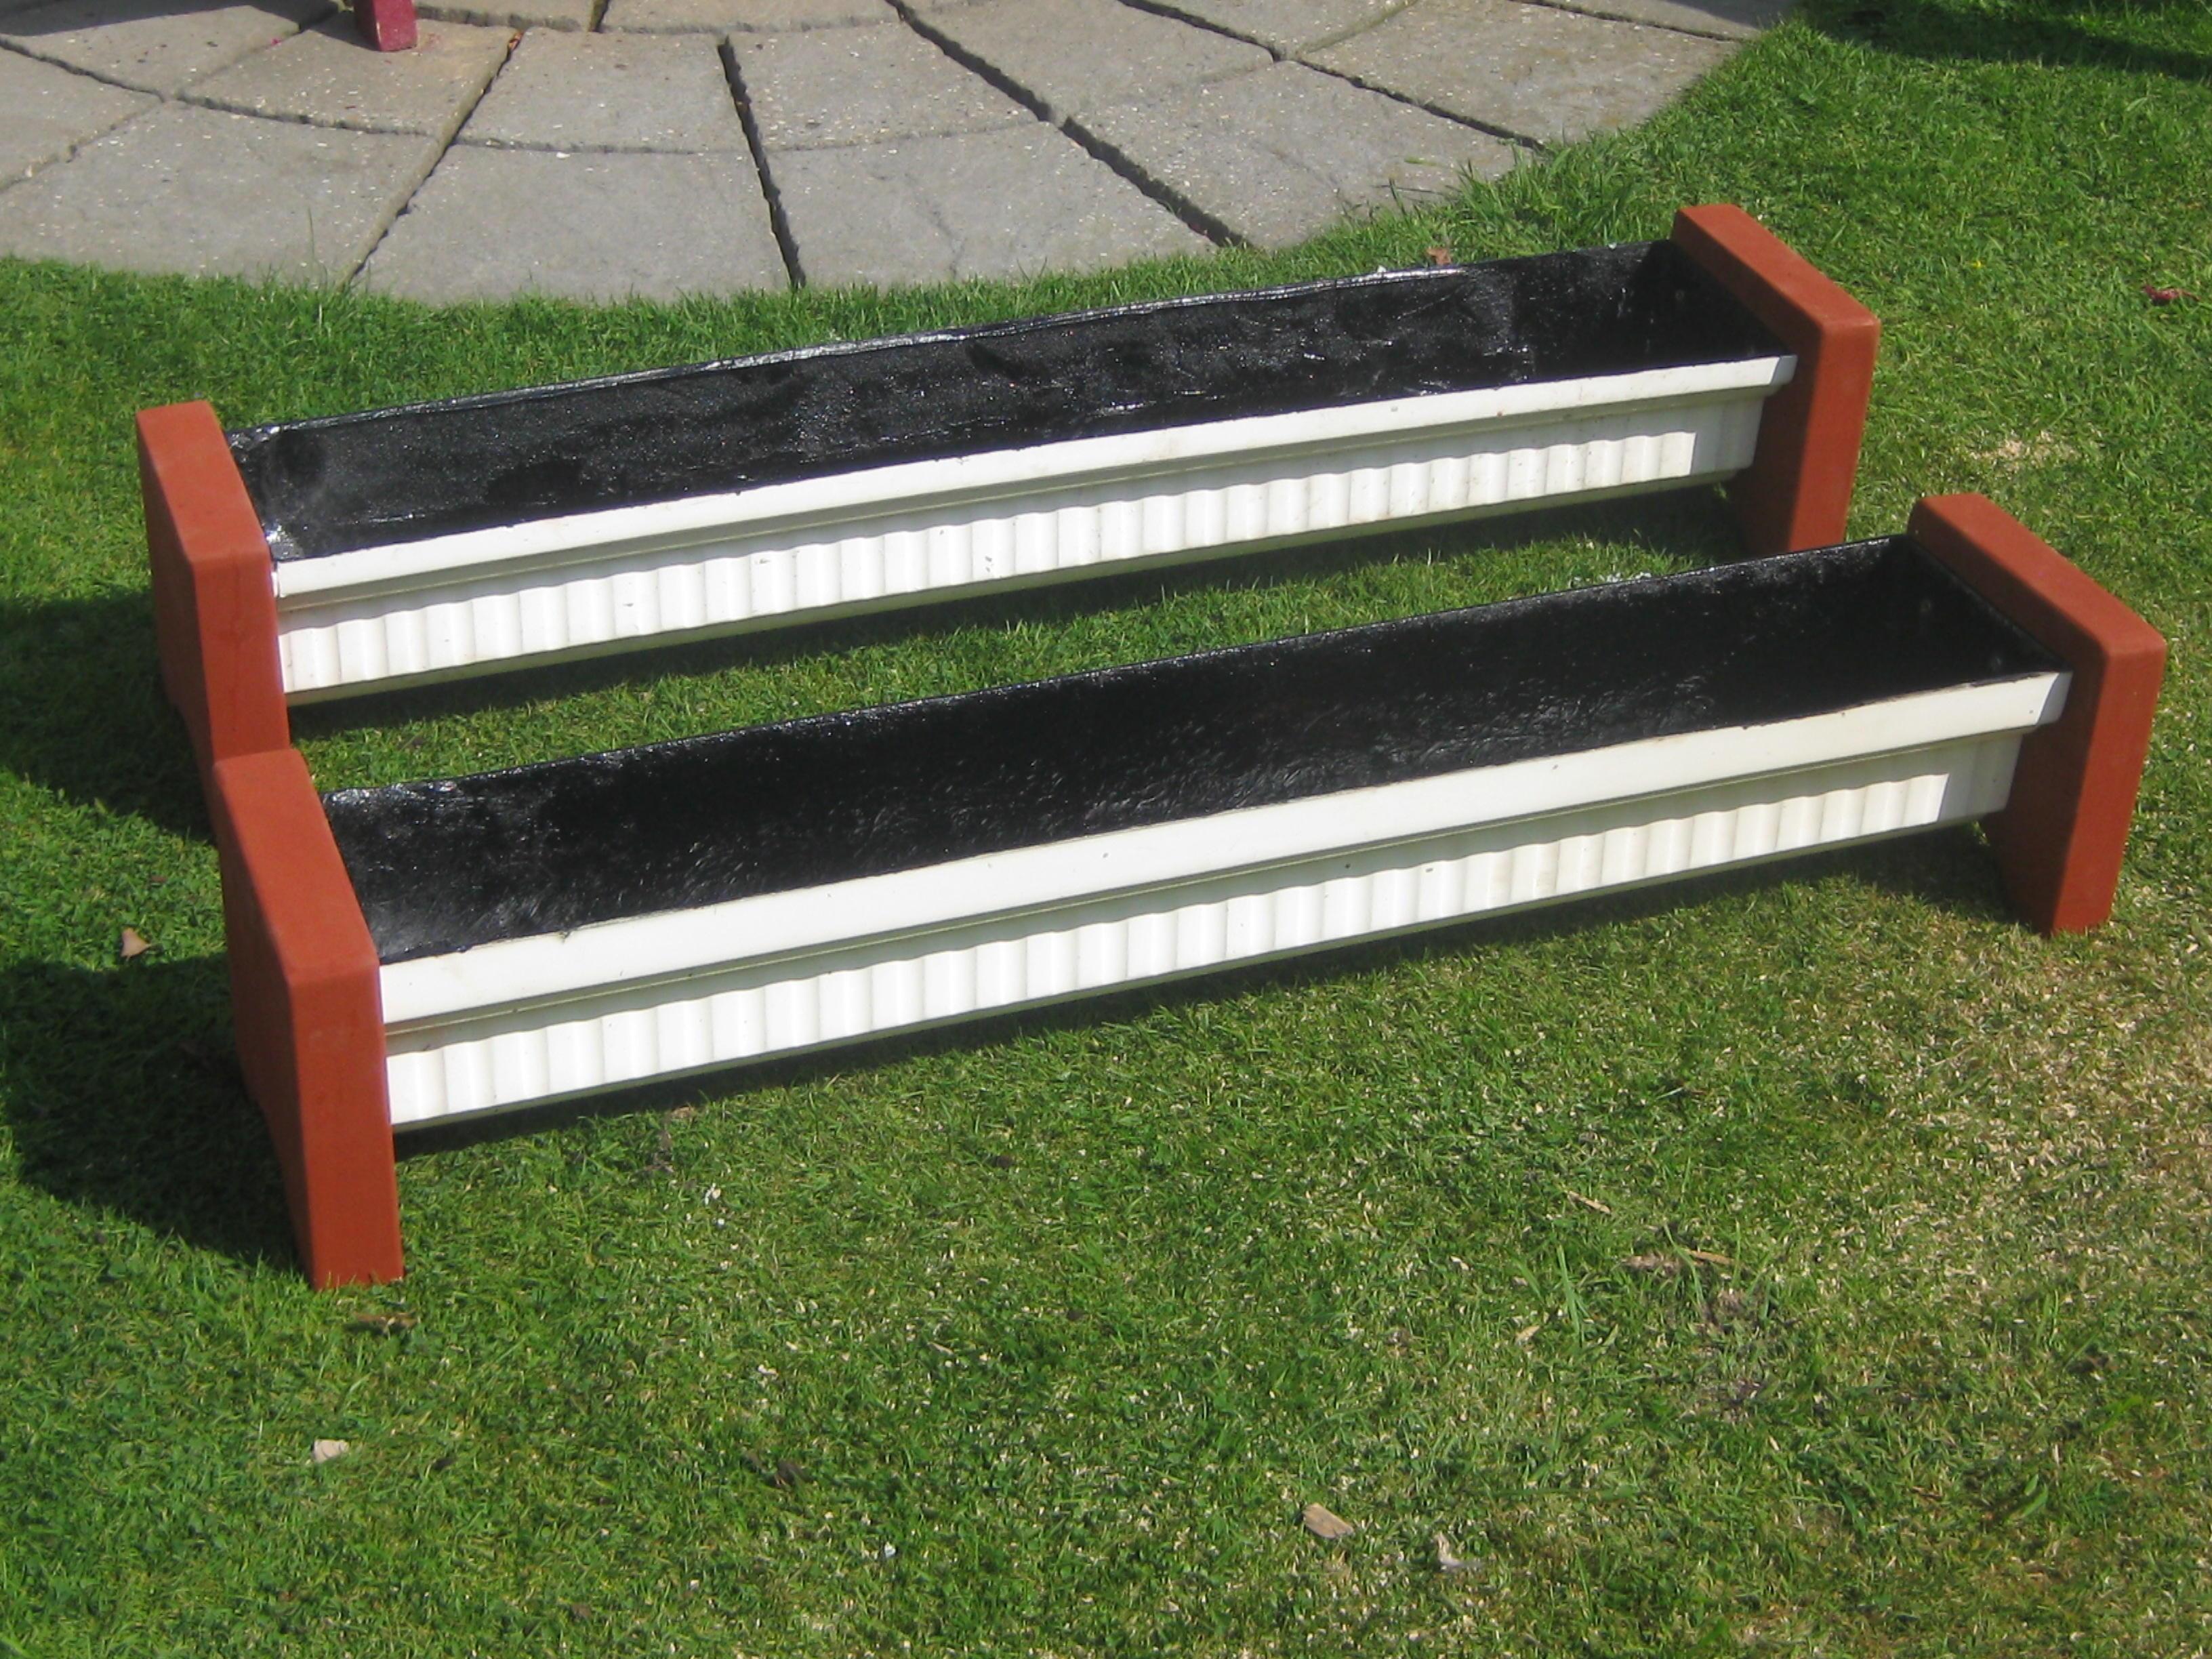 Two Garden Planters in Norwich - Expired   Friday-Ad on vermont garden, newcastle garden, amsterdam garden, paris garden,